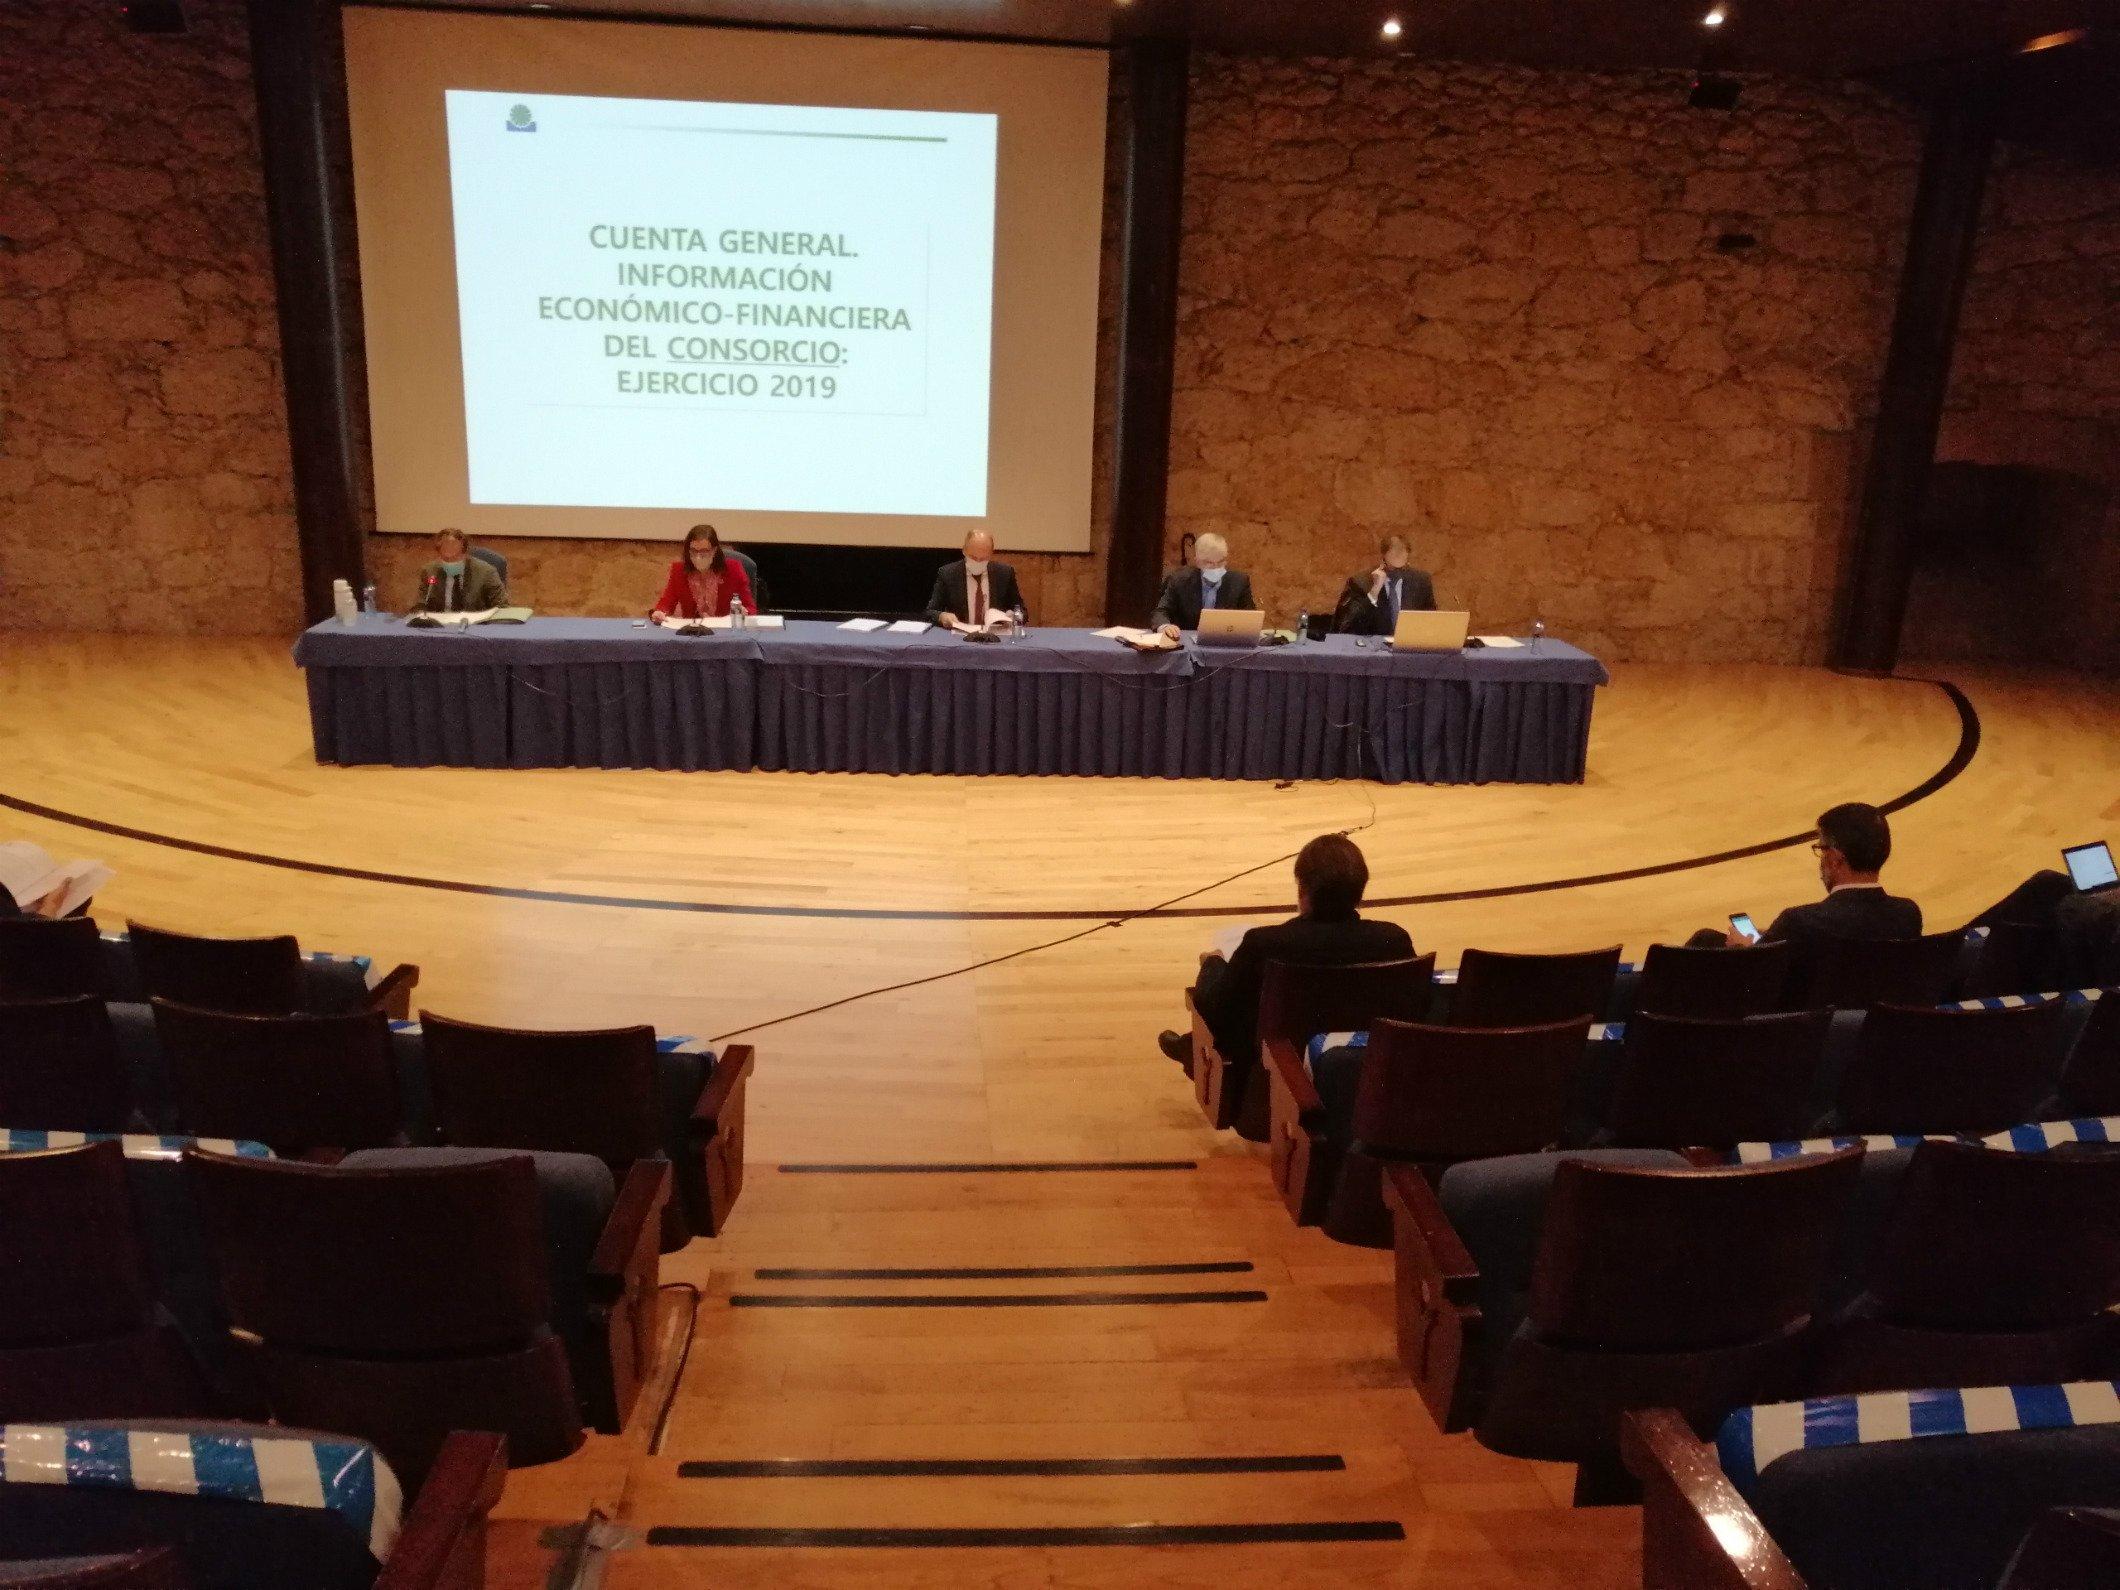 La junta general de Cogersa aprueba el presupuesto para 2021, que supera los 44 millones